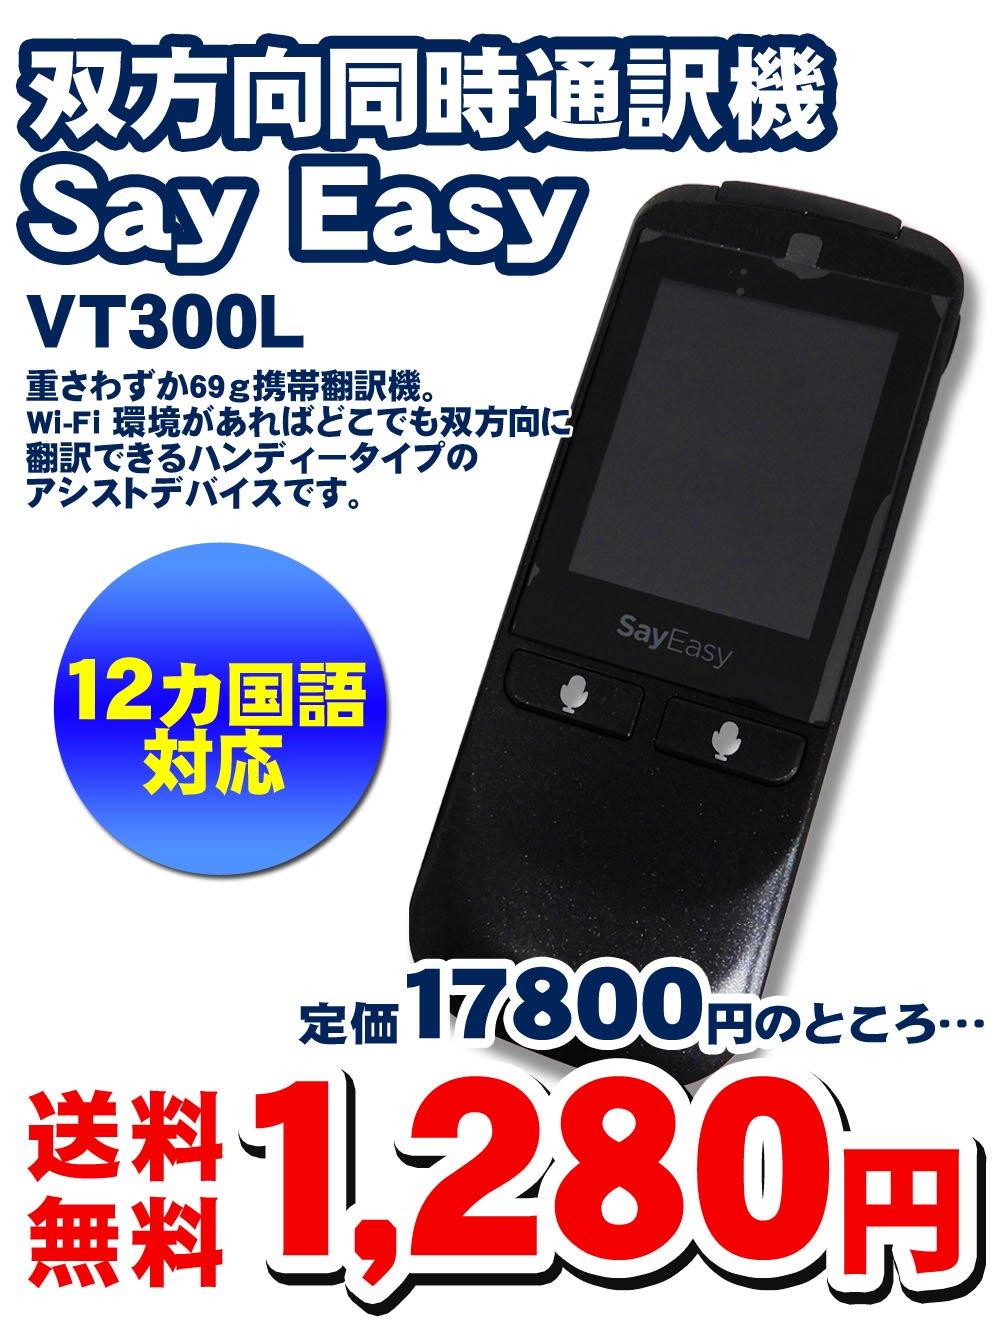 【送料無料】自動翻訳機Say Easy(VT300L)【定価17800・驚異の95%OFF】@1280